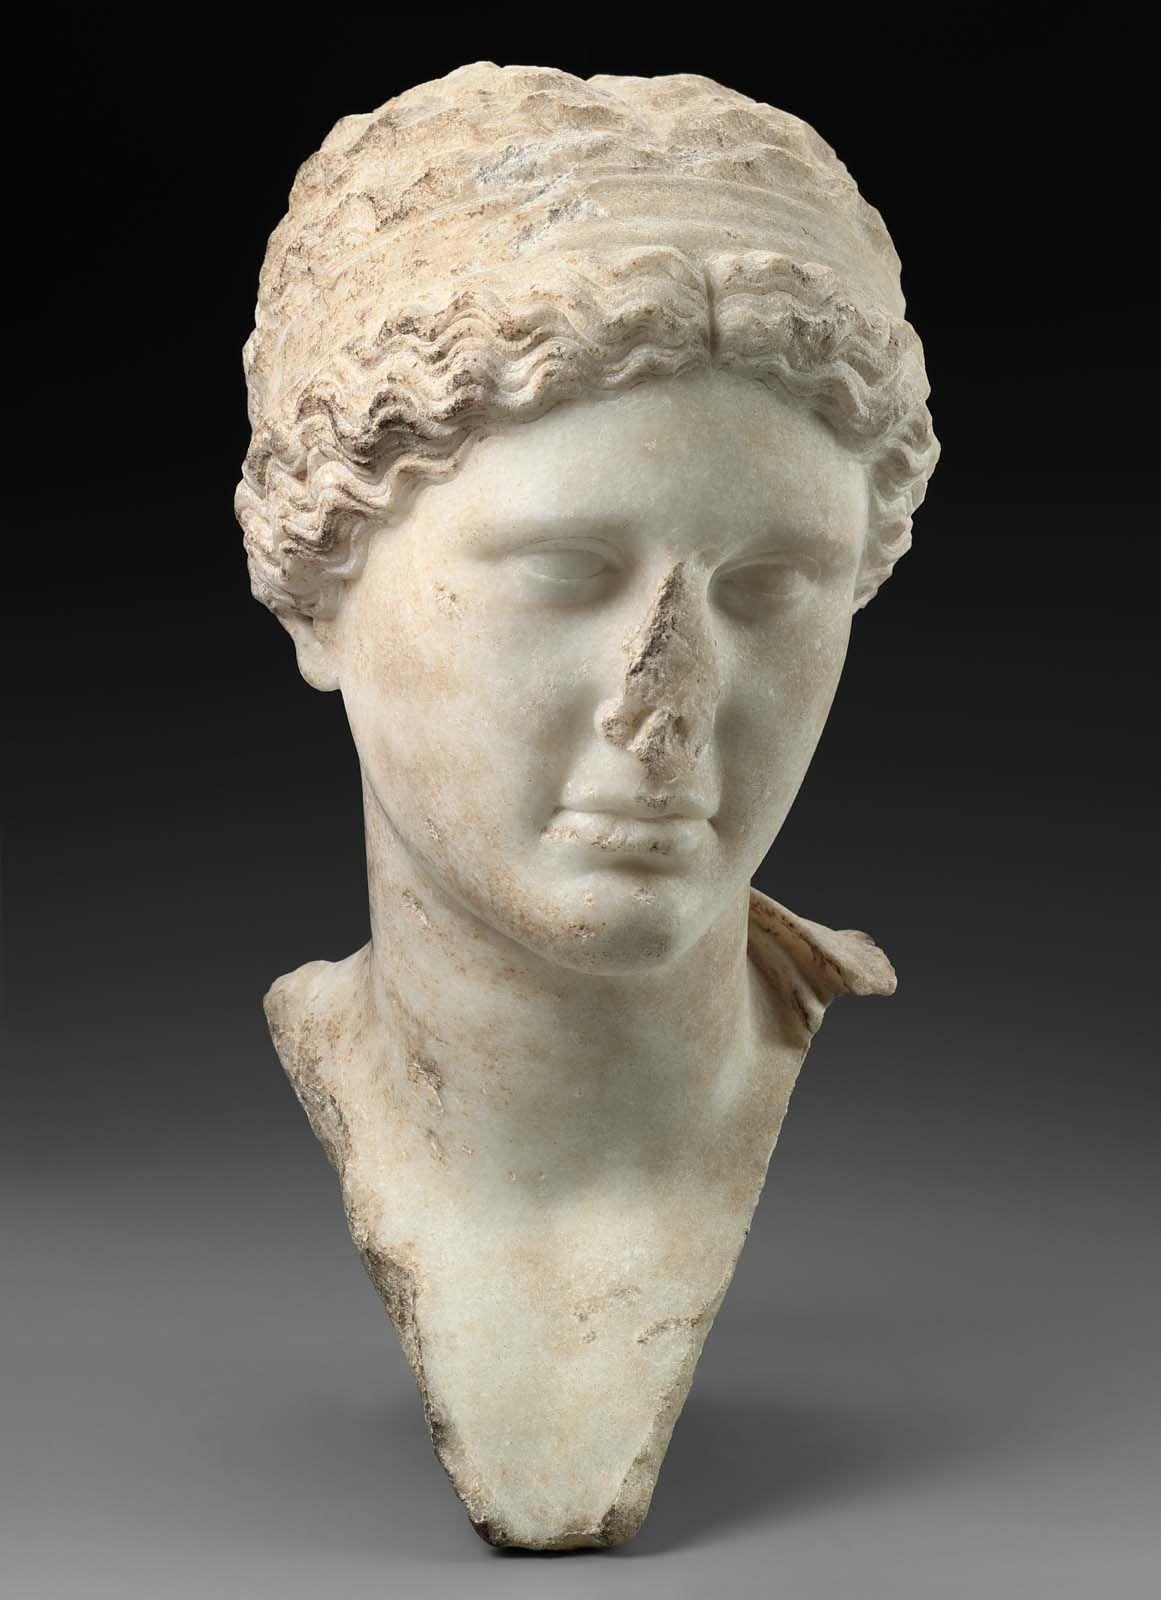 アメリカ・ボストン美術館の見どころまとめ!紀元前の美術作品特集